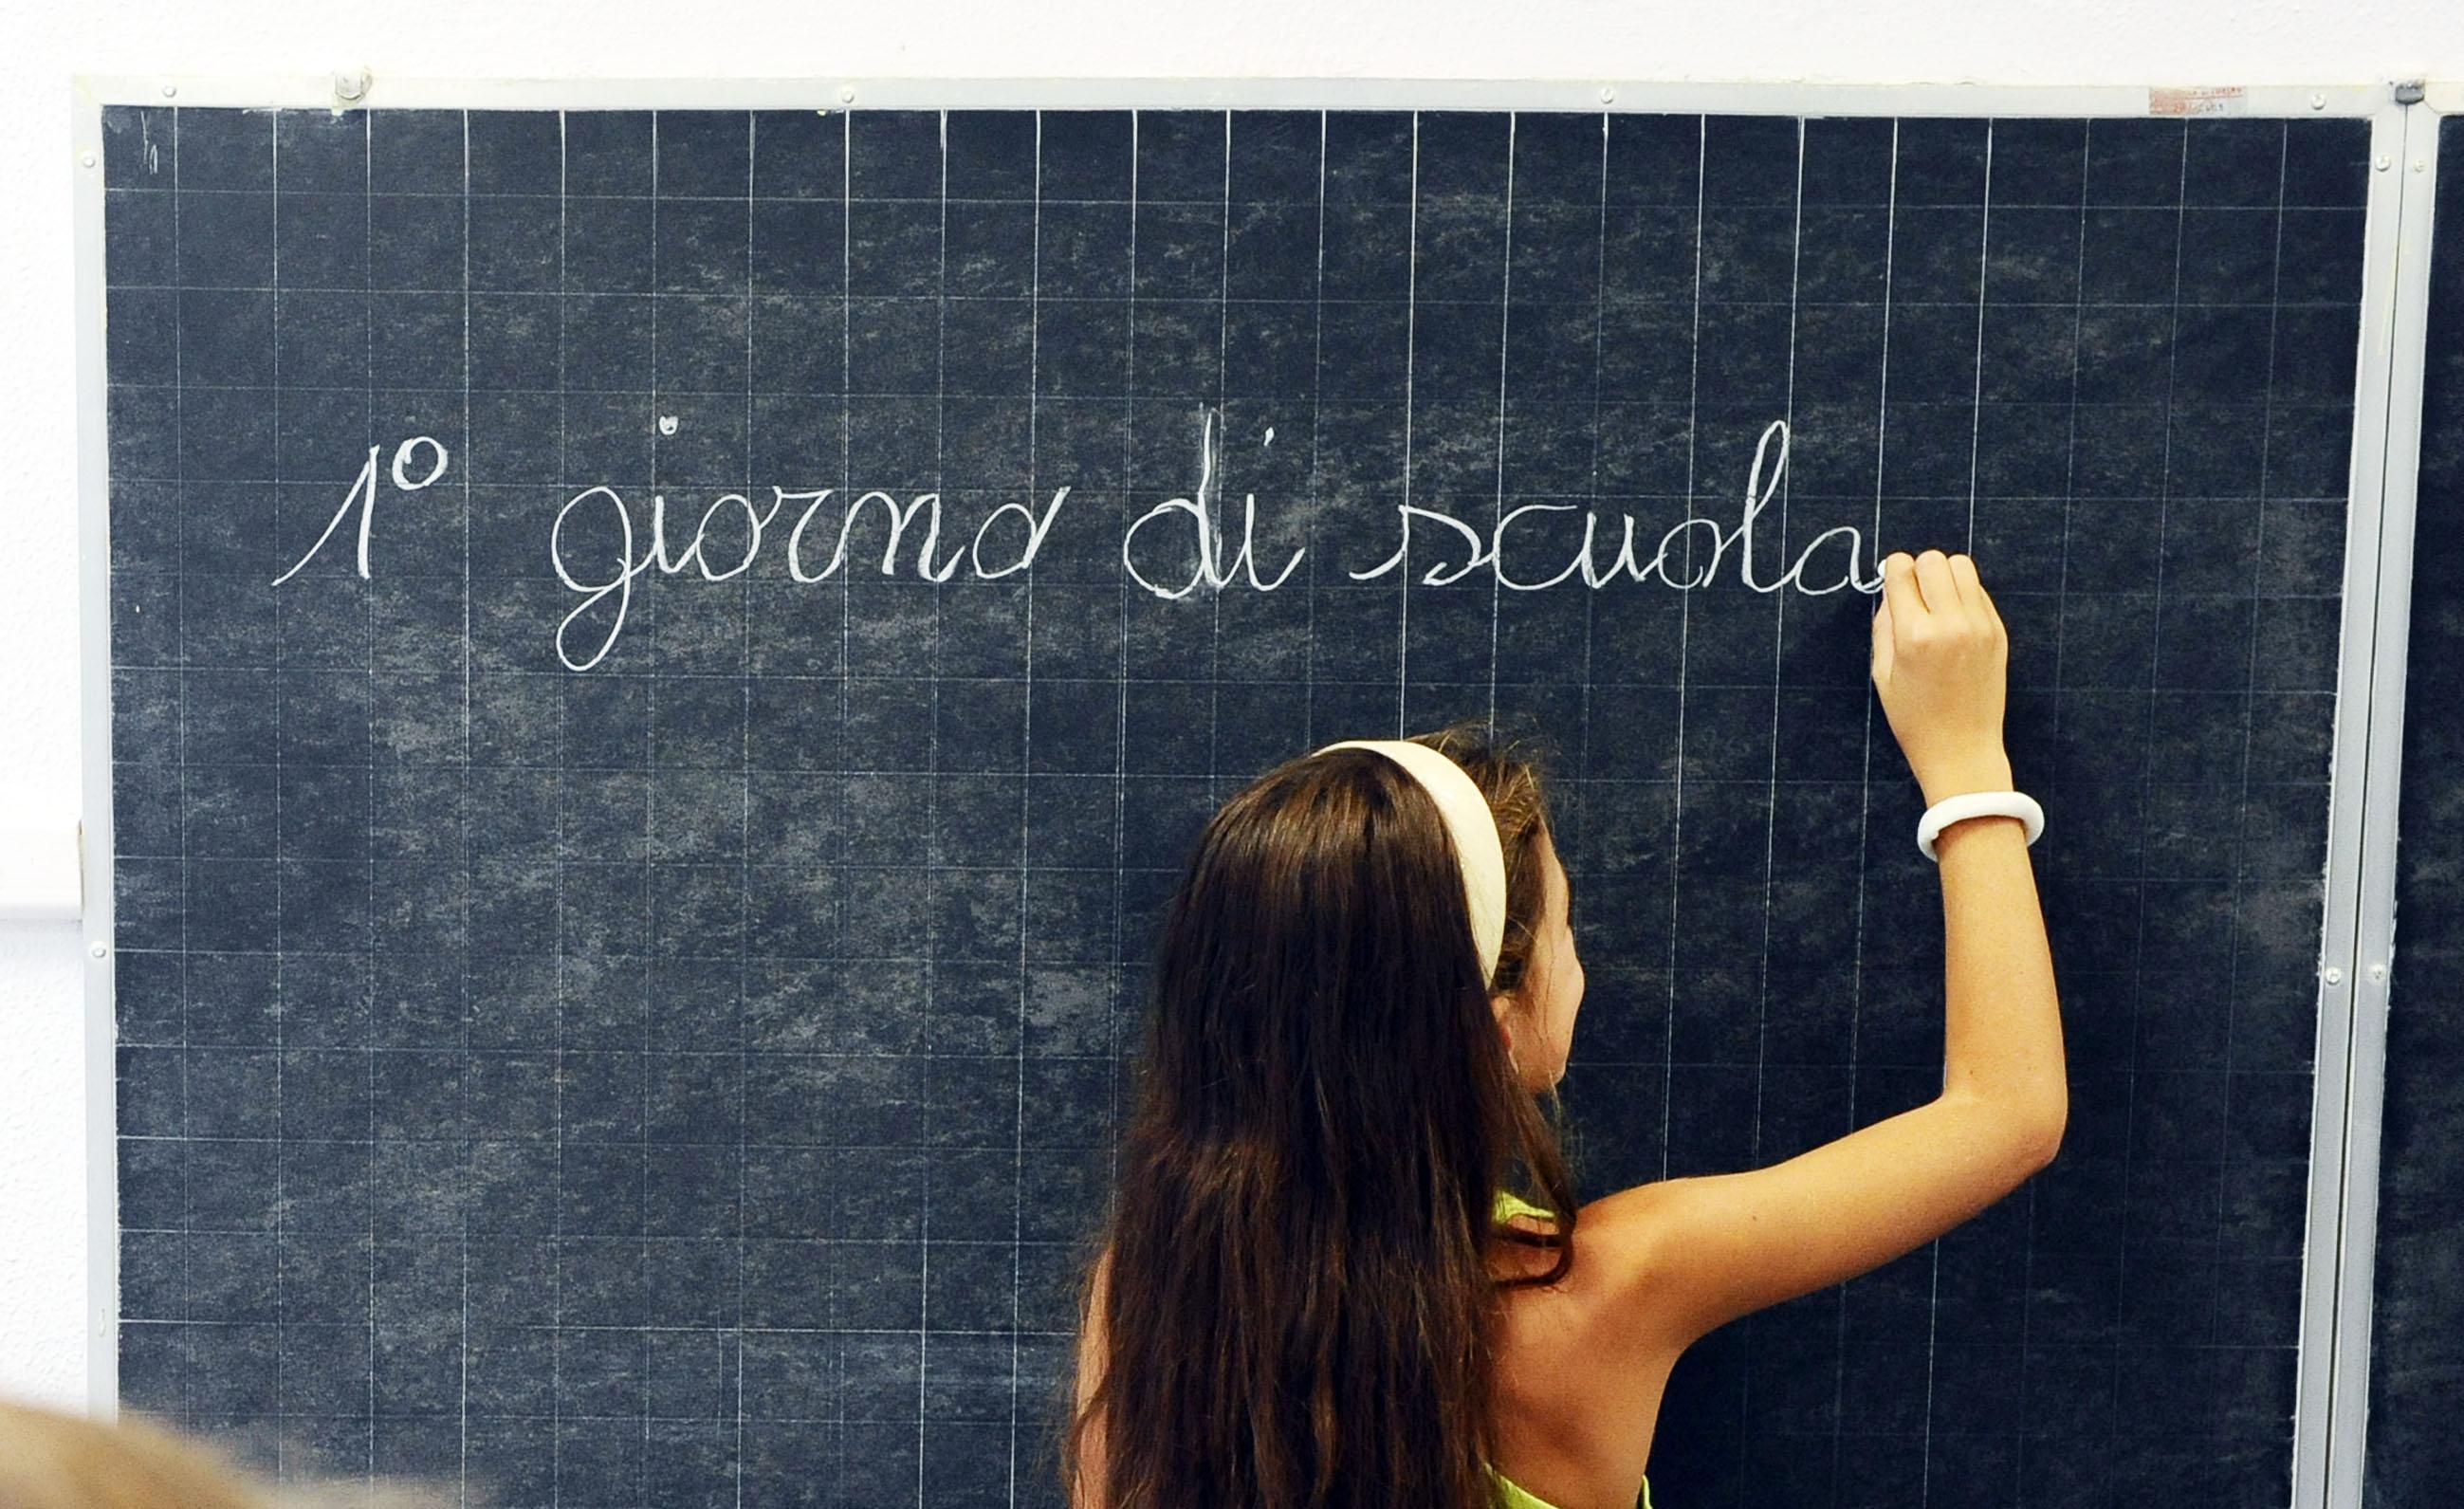 La scolarizzazione precoce è sempre un vantaggio?